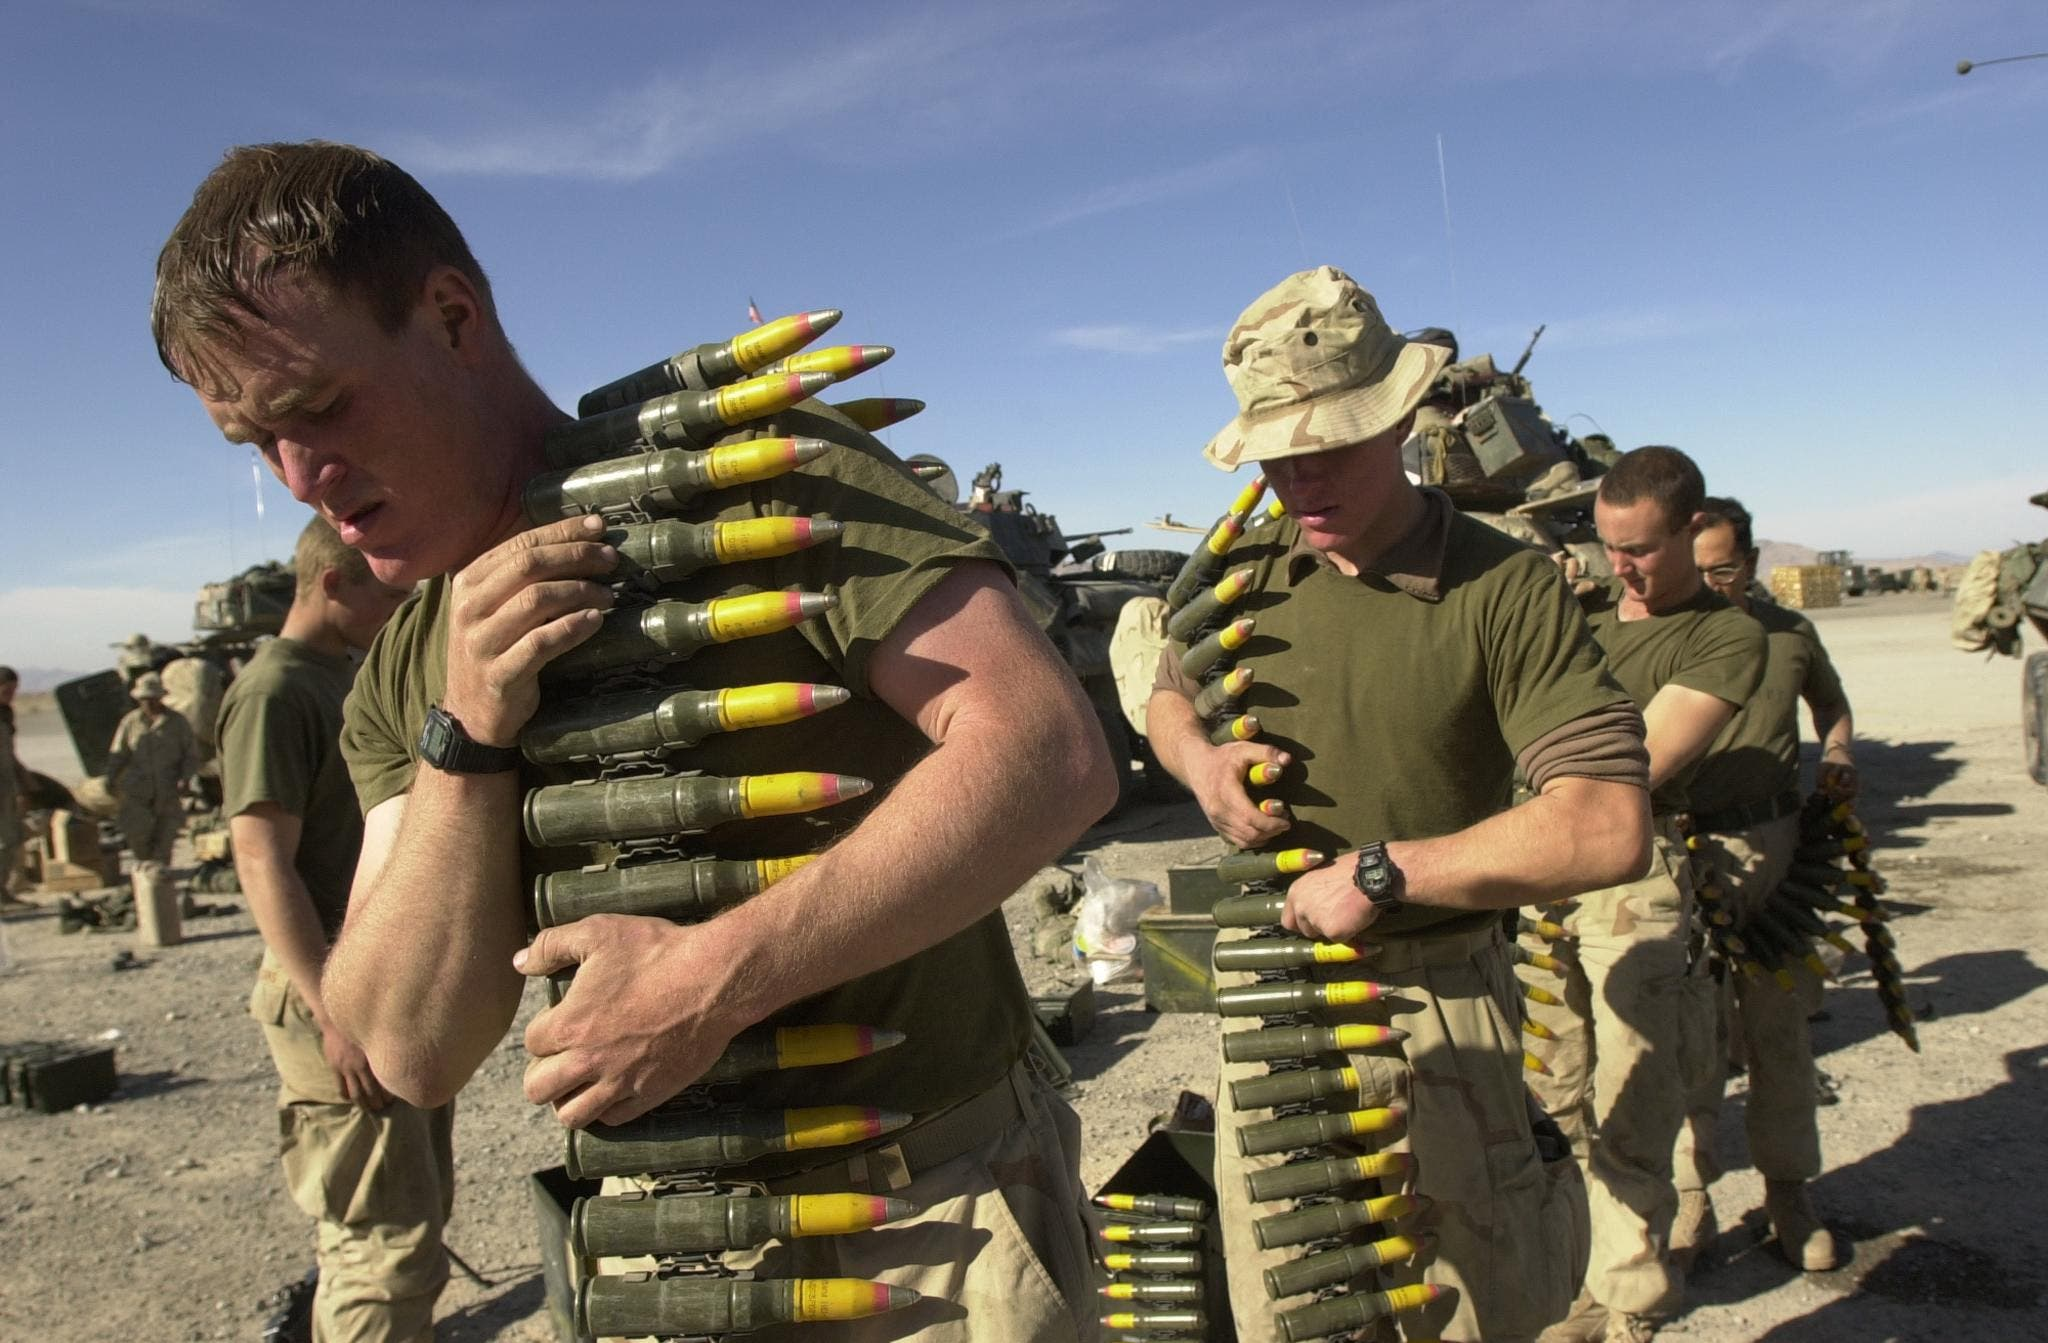 جنود أميركيون في أفغانستان في 2002 (أرشيفية)